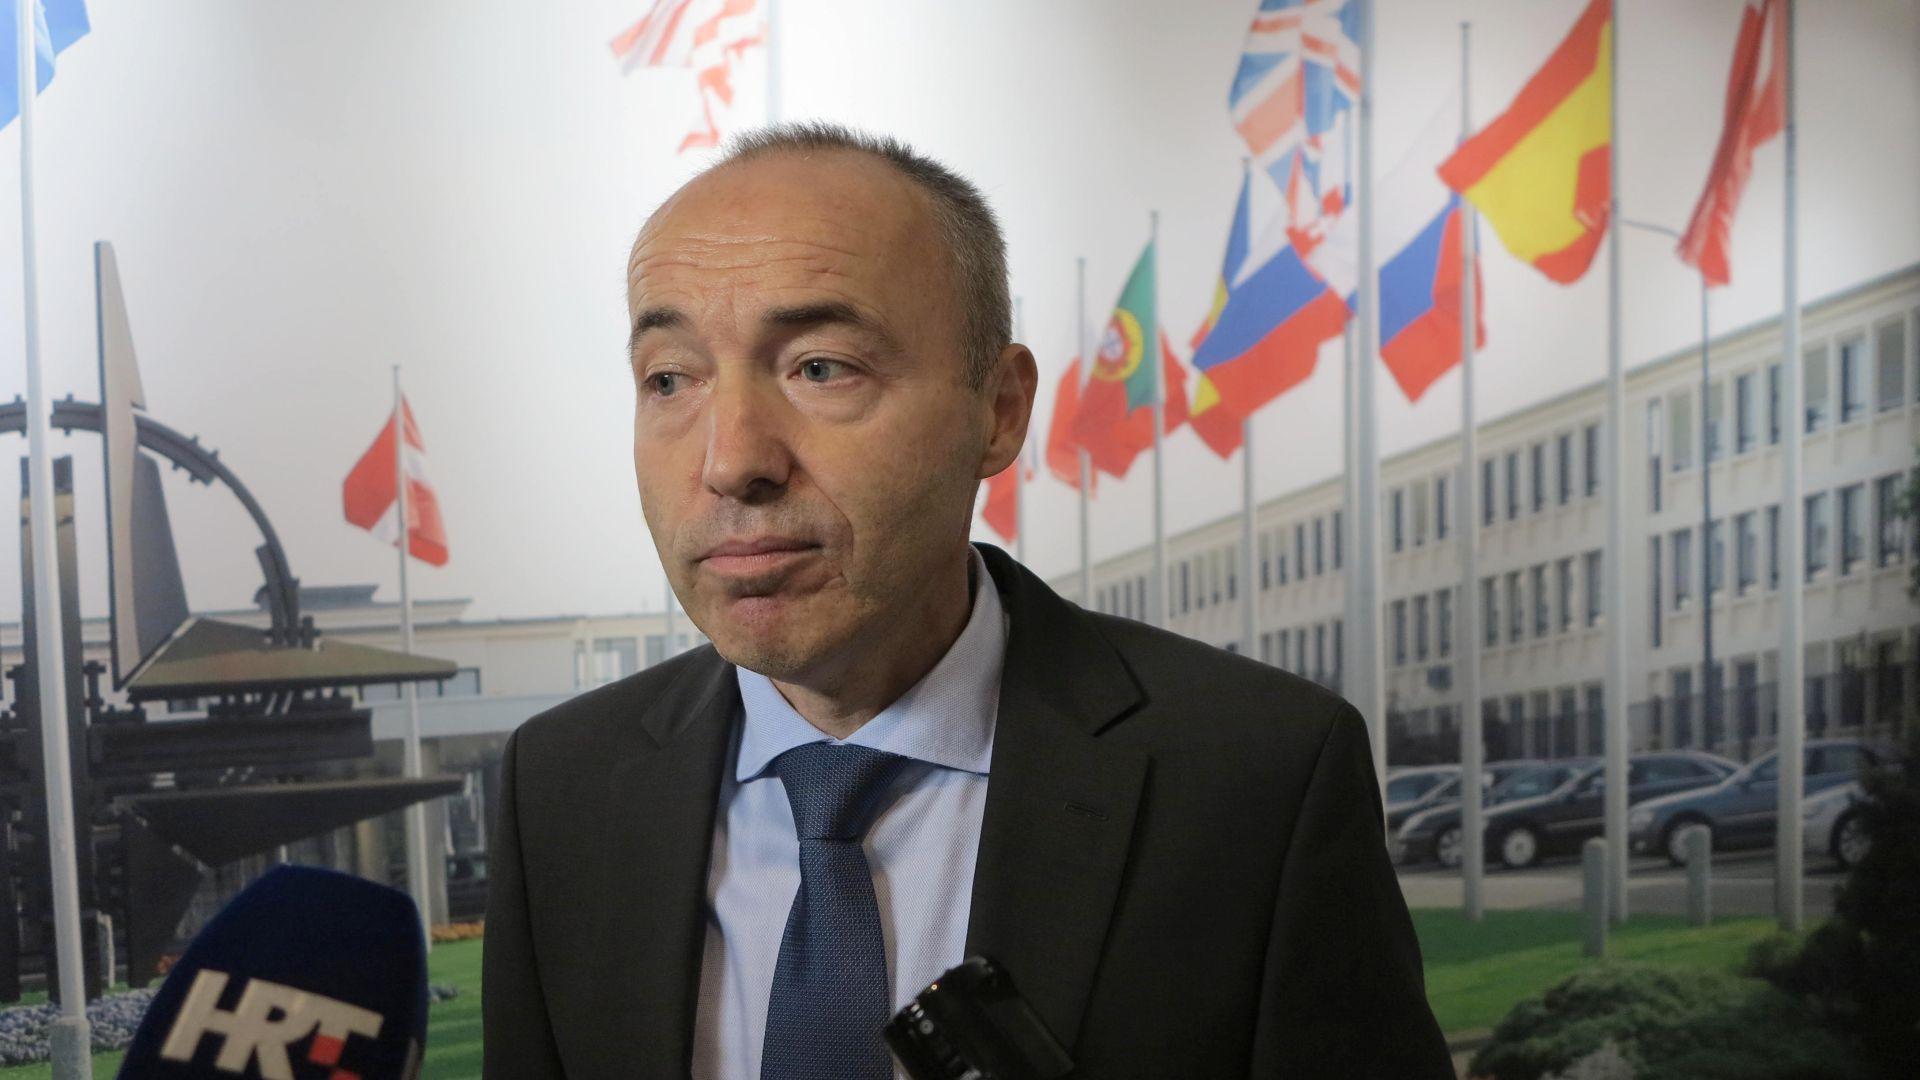 Ministar Krstičević putuje u SAD, razgovarat će i o mogućnosti nabavke vojnih zrakoklova za OS RH